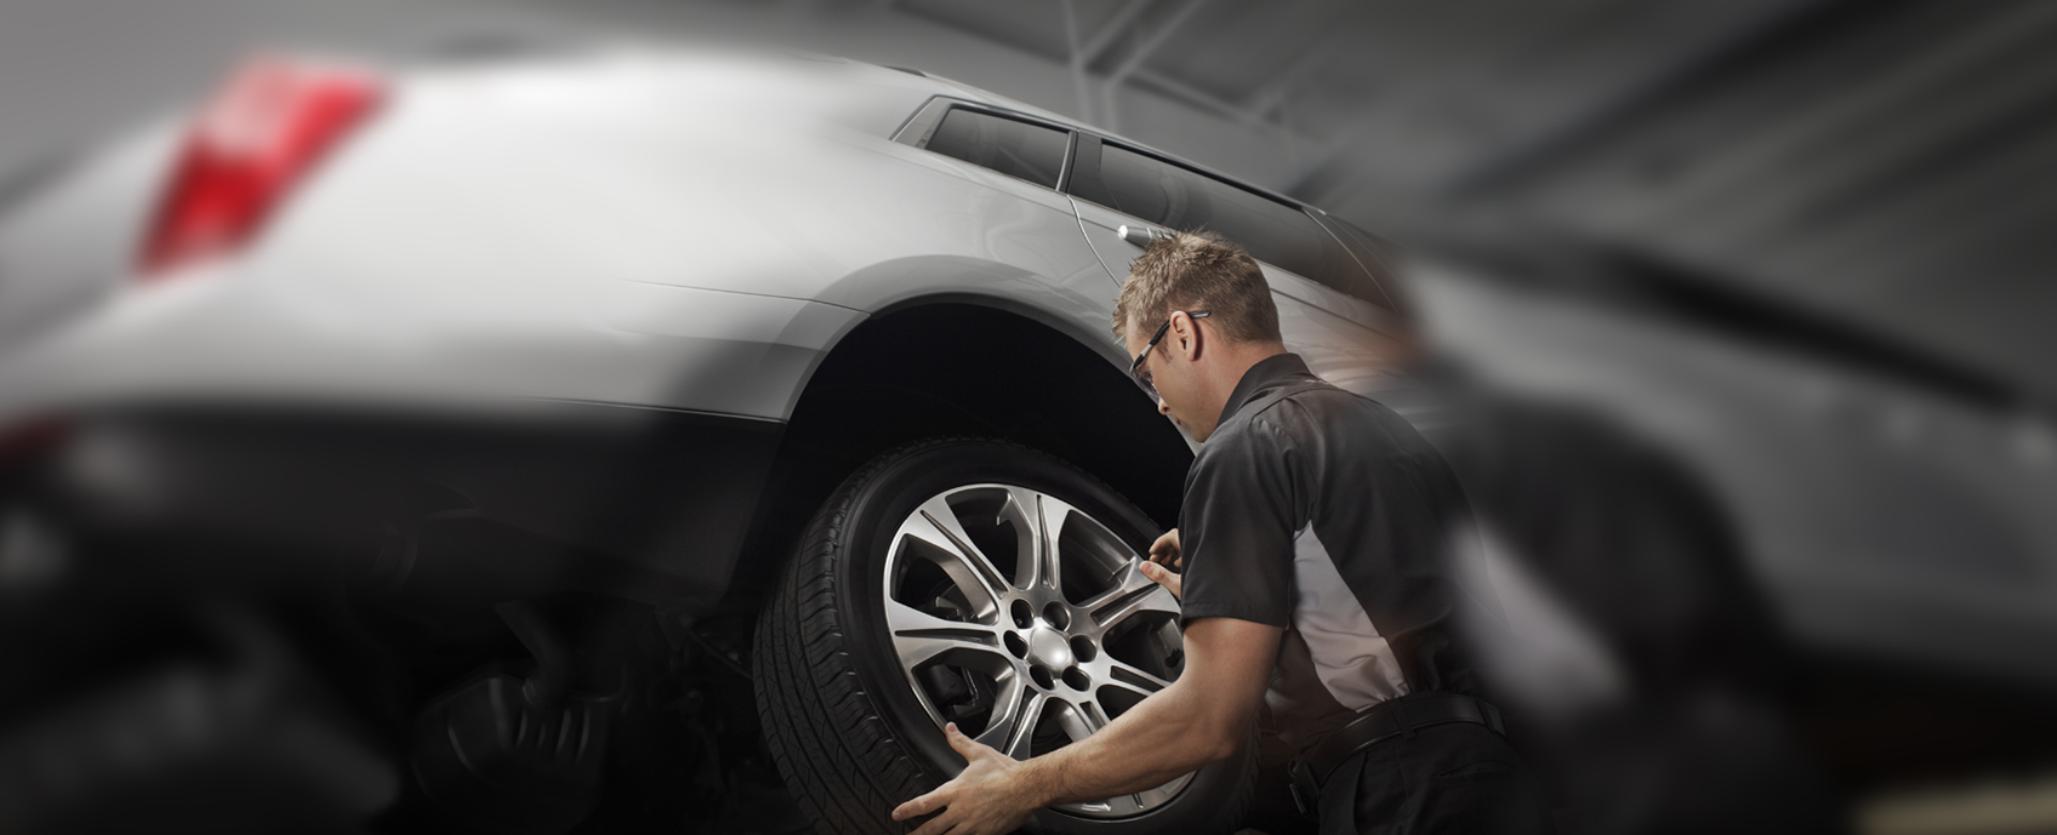 Funcionário a trocar um pneu